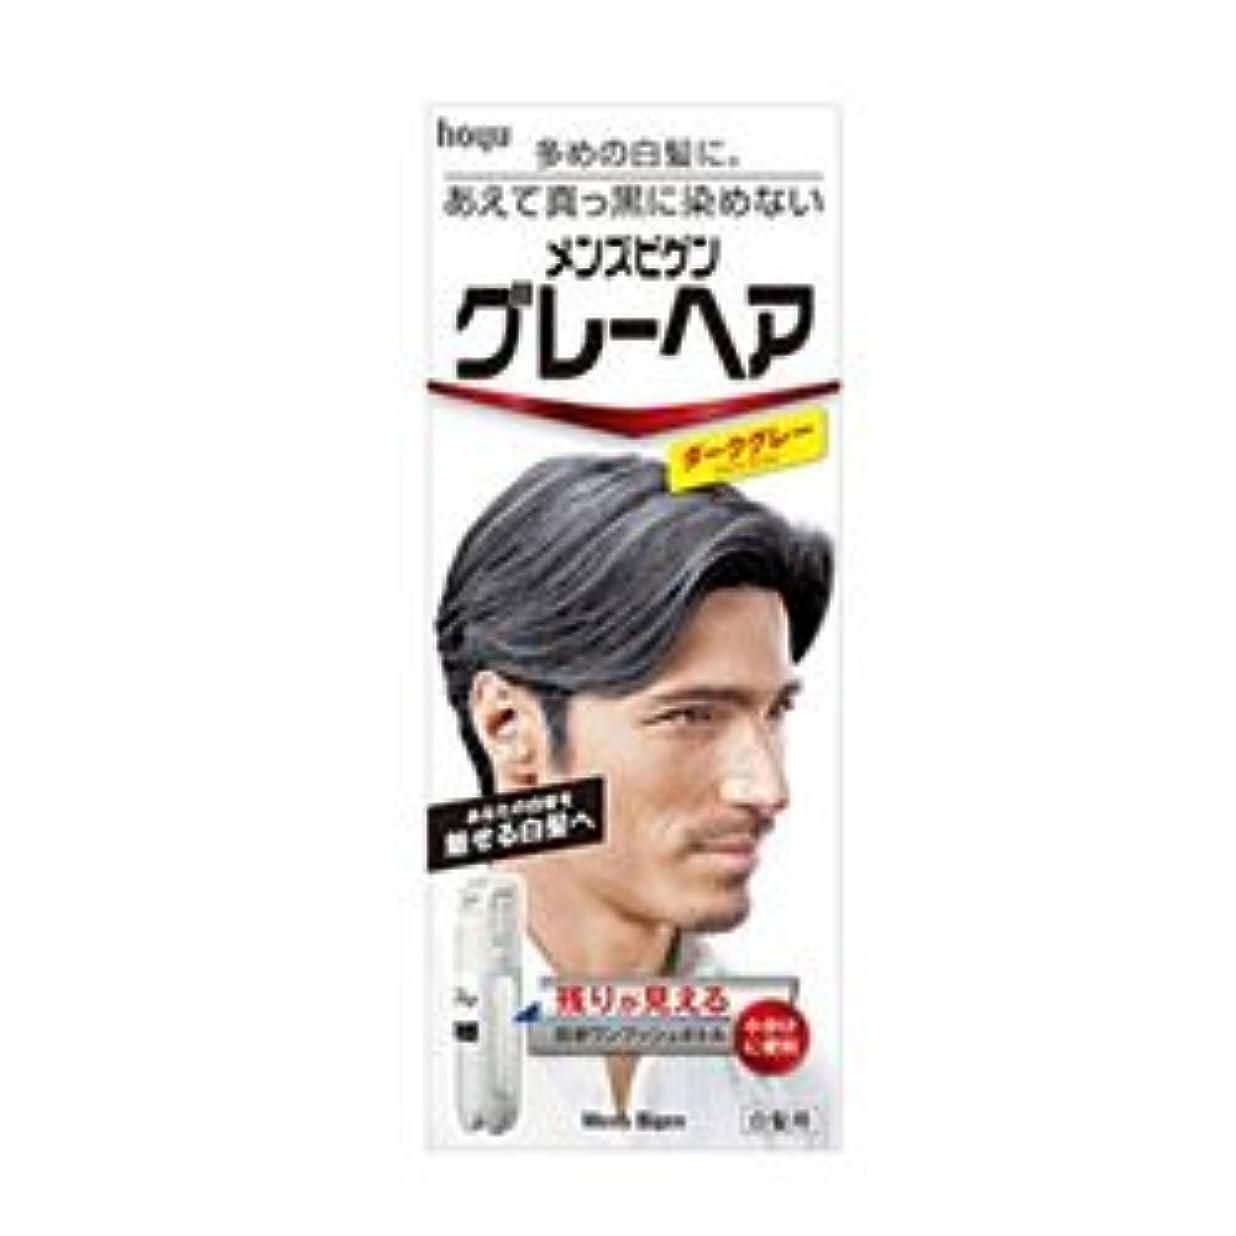 【ホーユー】メンズビゲン グレーヘア ダークグレー 40g+40g ×5個セット